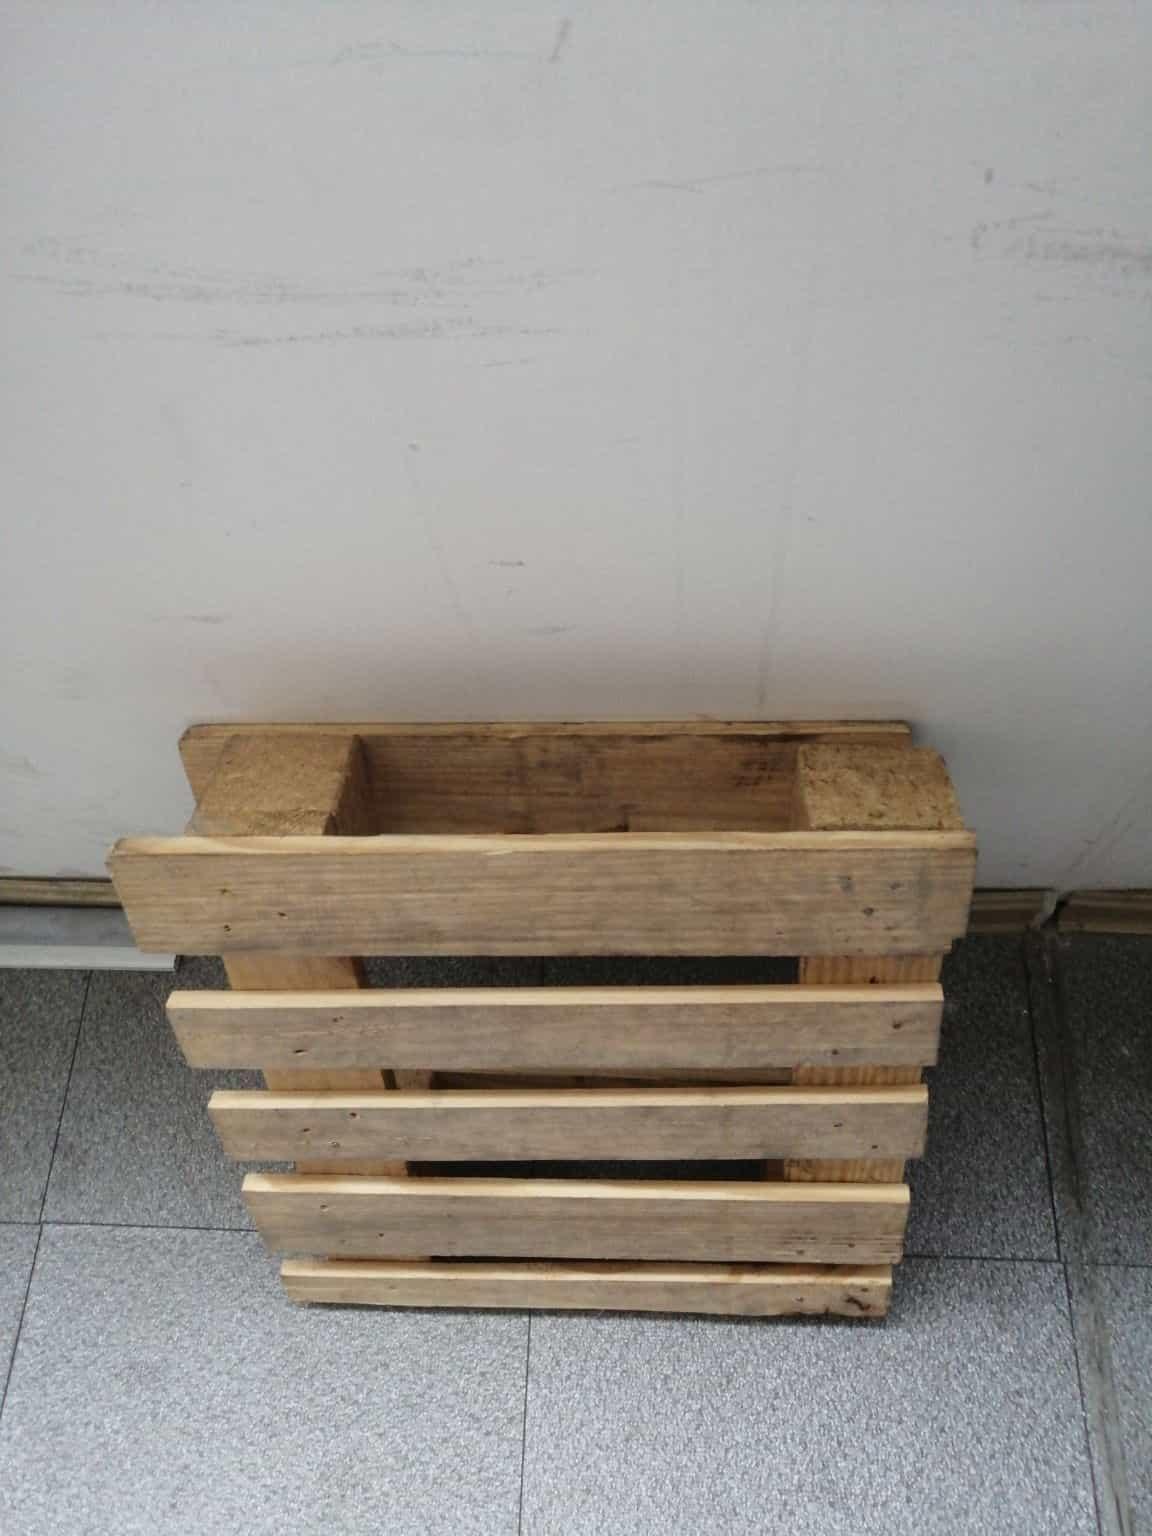 内蒙古求购??,す›手木托盘_商品批发价??,℠む